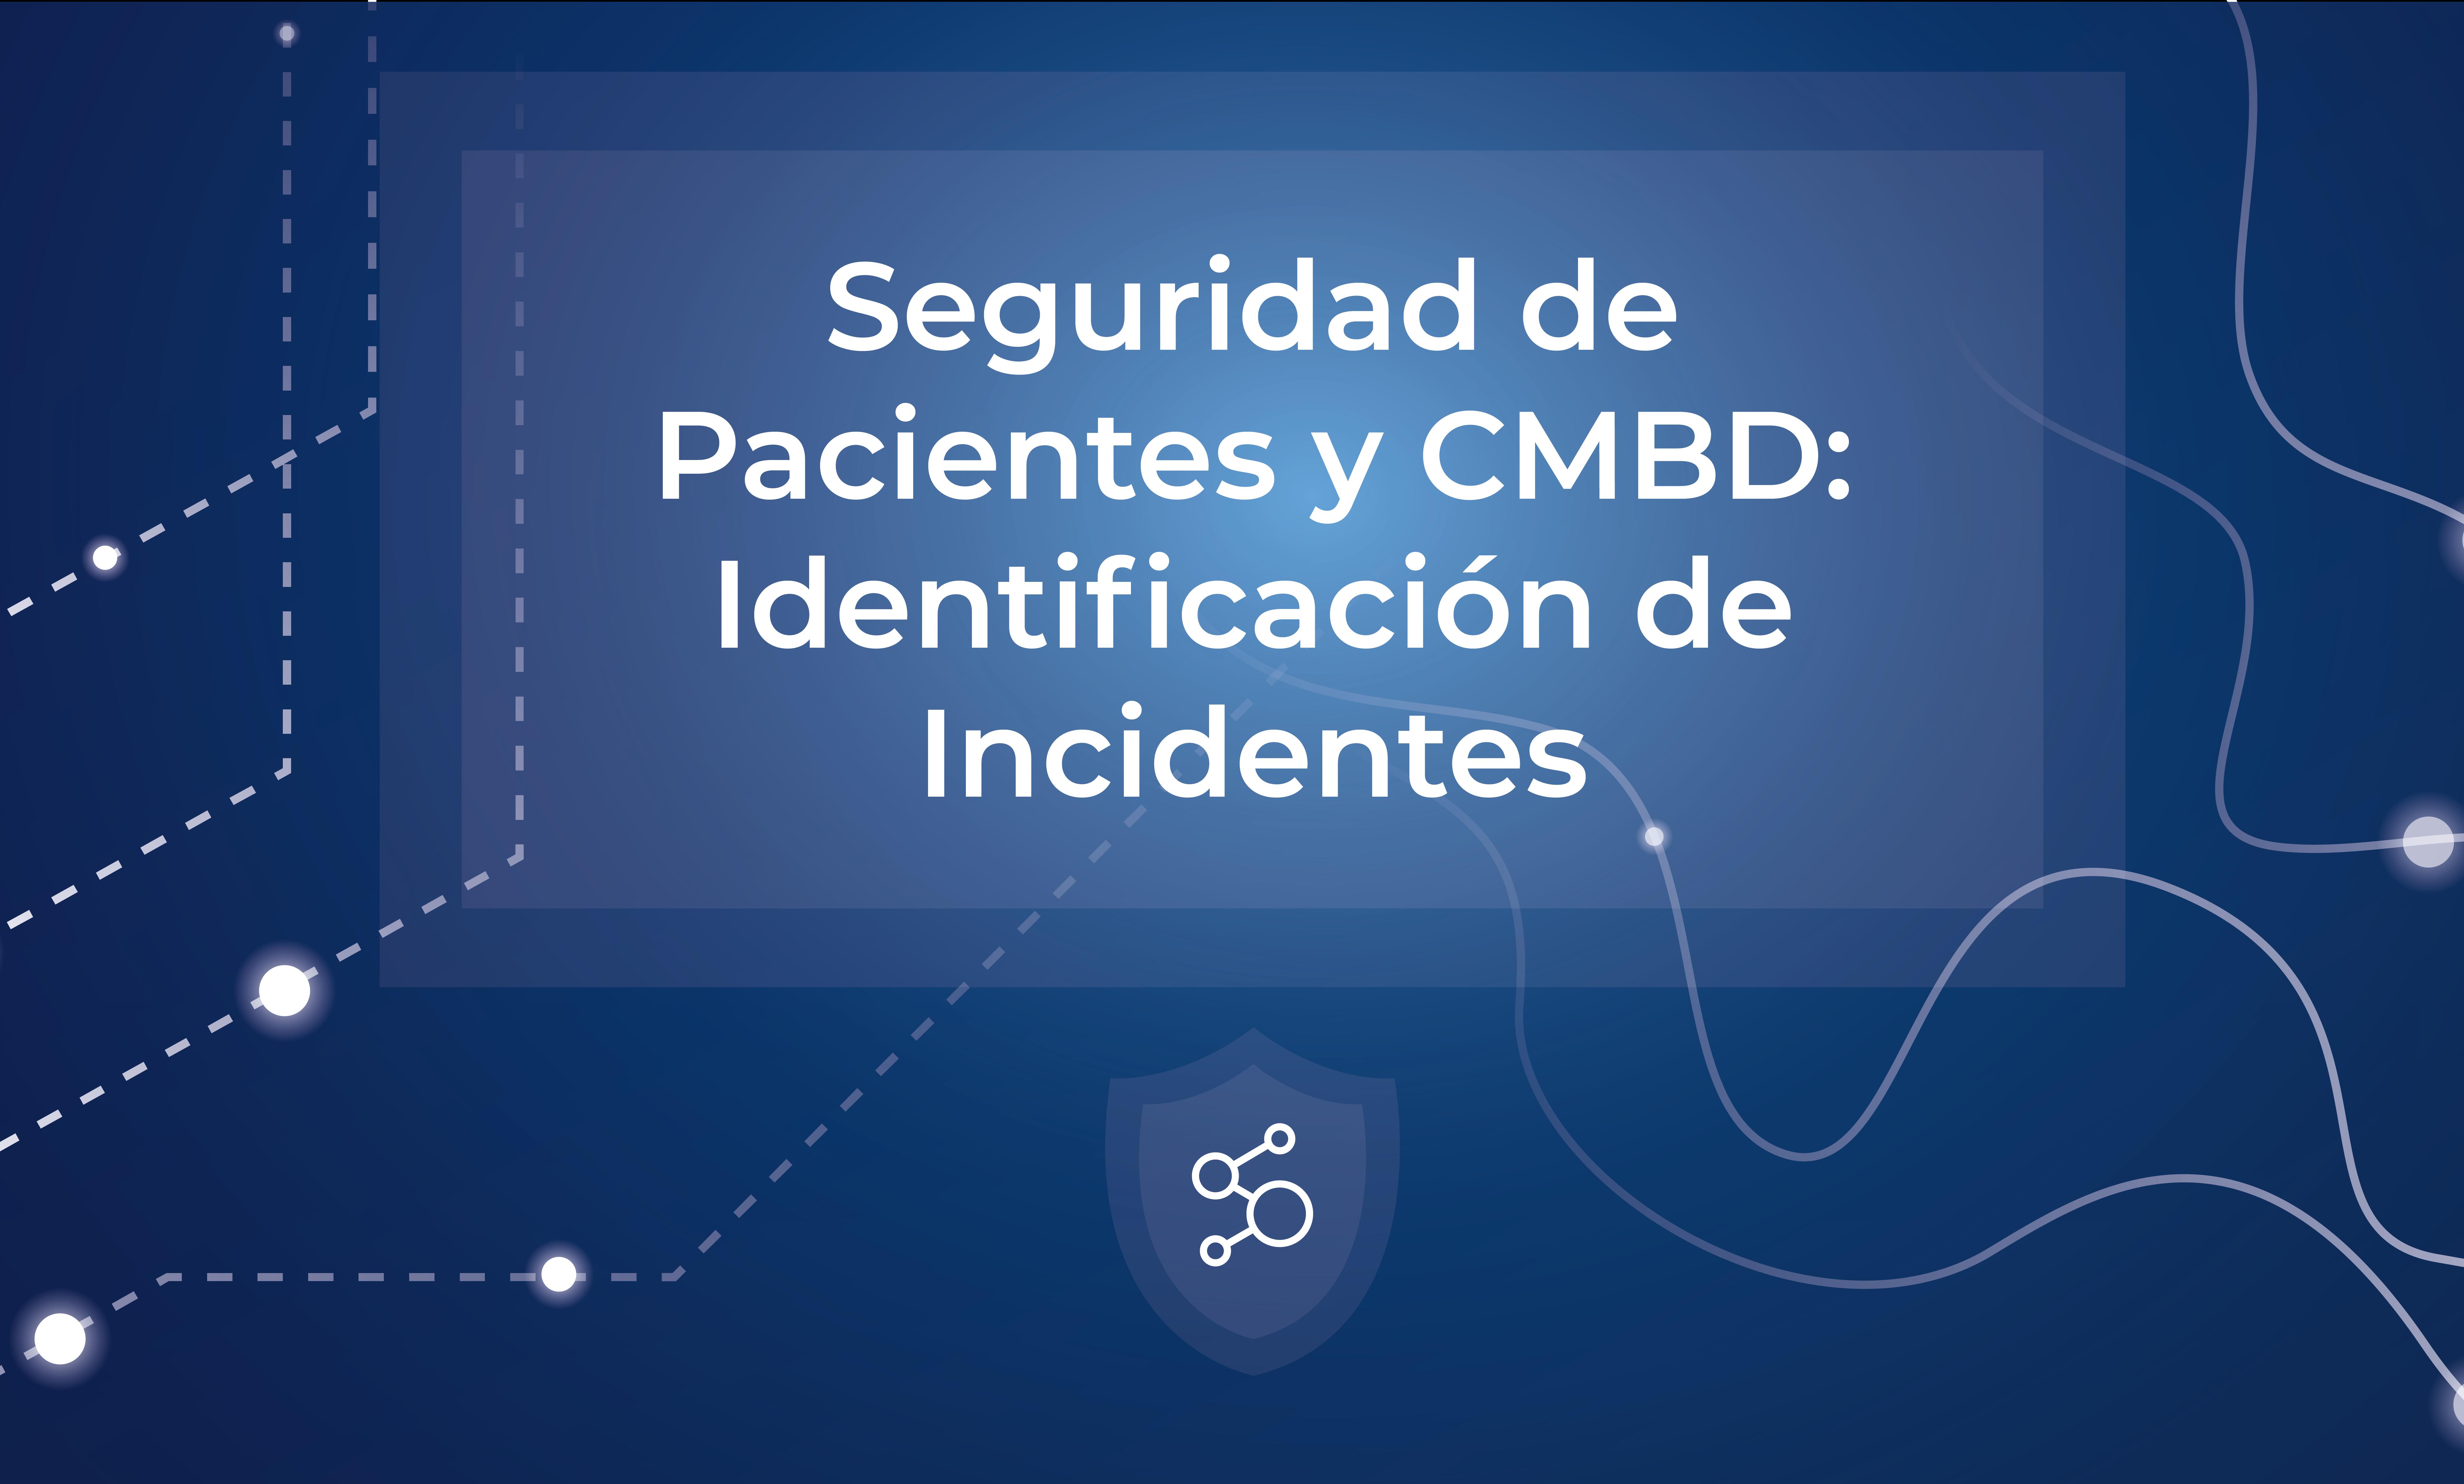 Seguridad de pacientes y CMBD: Identificación de incidentes